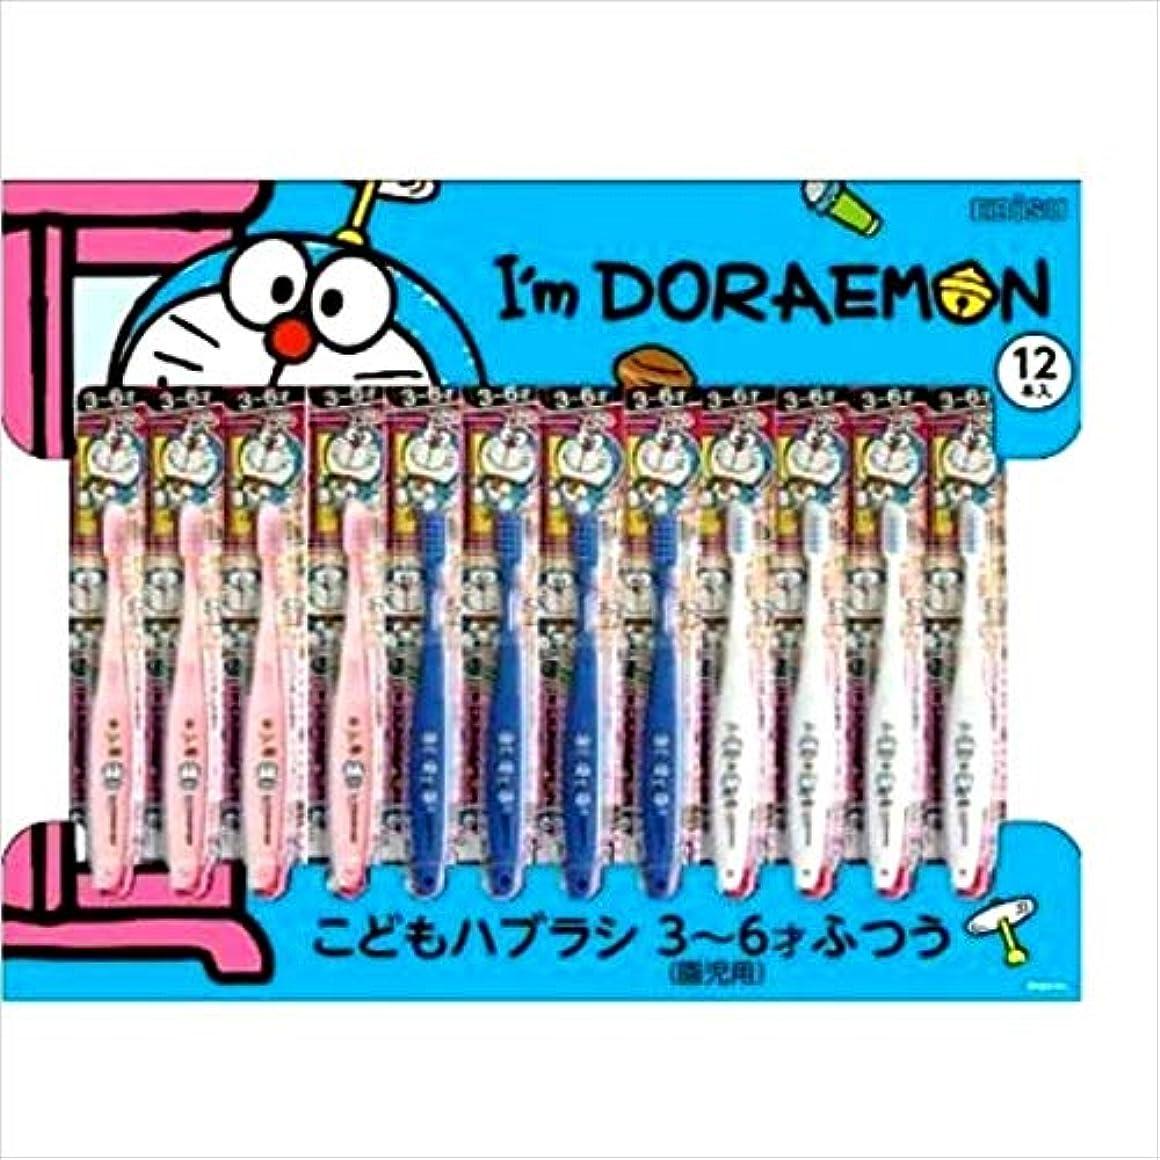 混乱科学者不合格I'M DORAEMON 子供用 歯ブラシ 12本入り